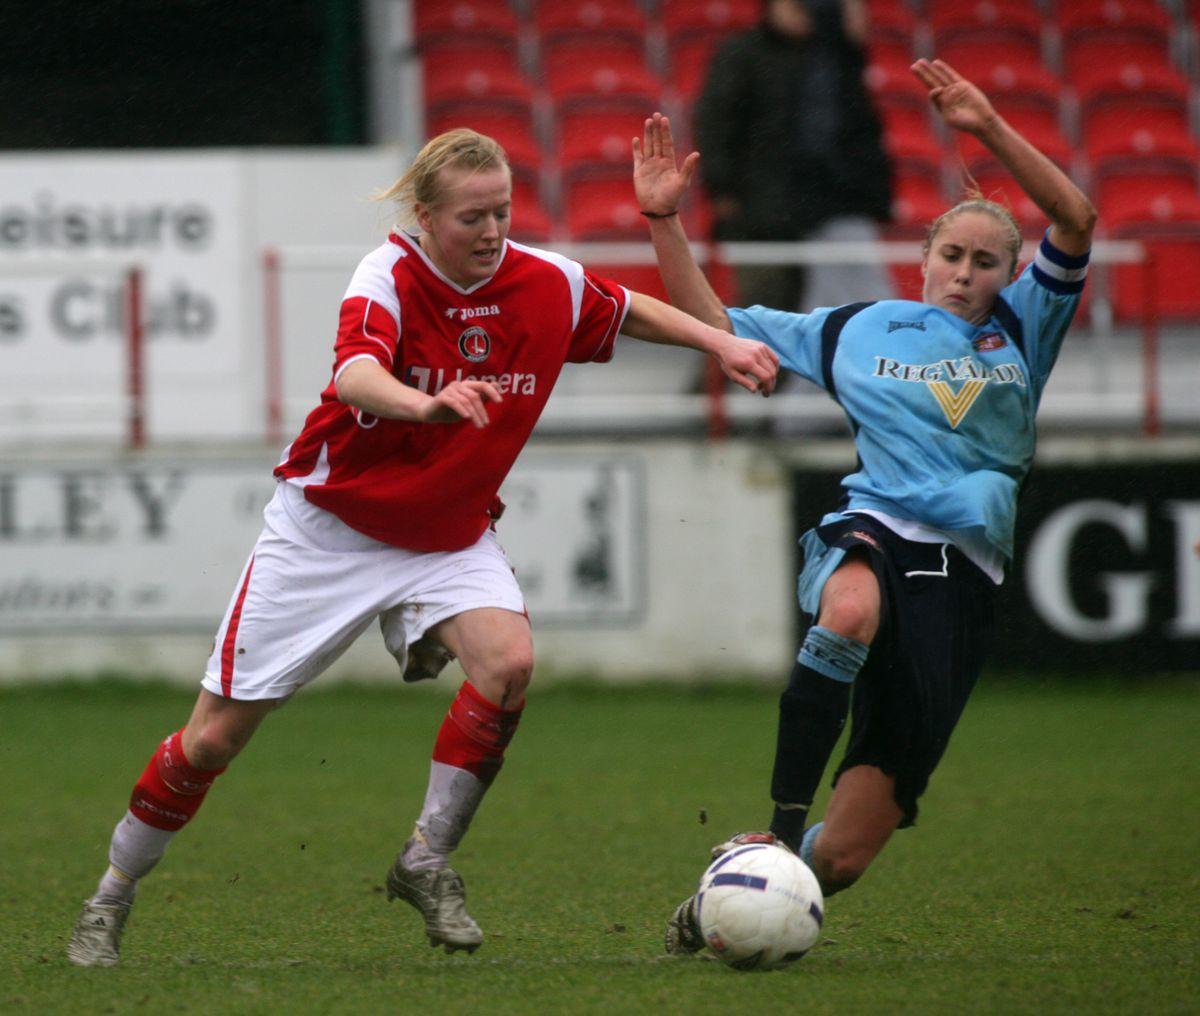 Soccer - FA Nationwide Women's Premier League - Charlton Athletic v Sunderland - Stonebridge Road